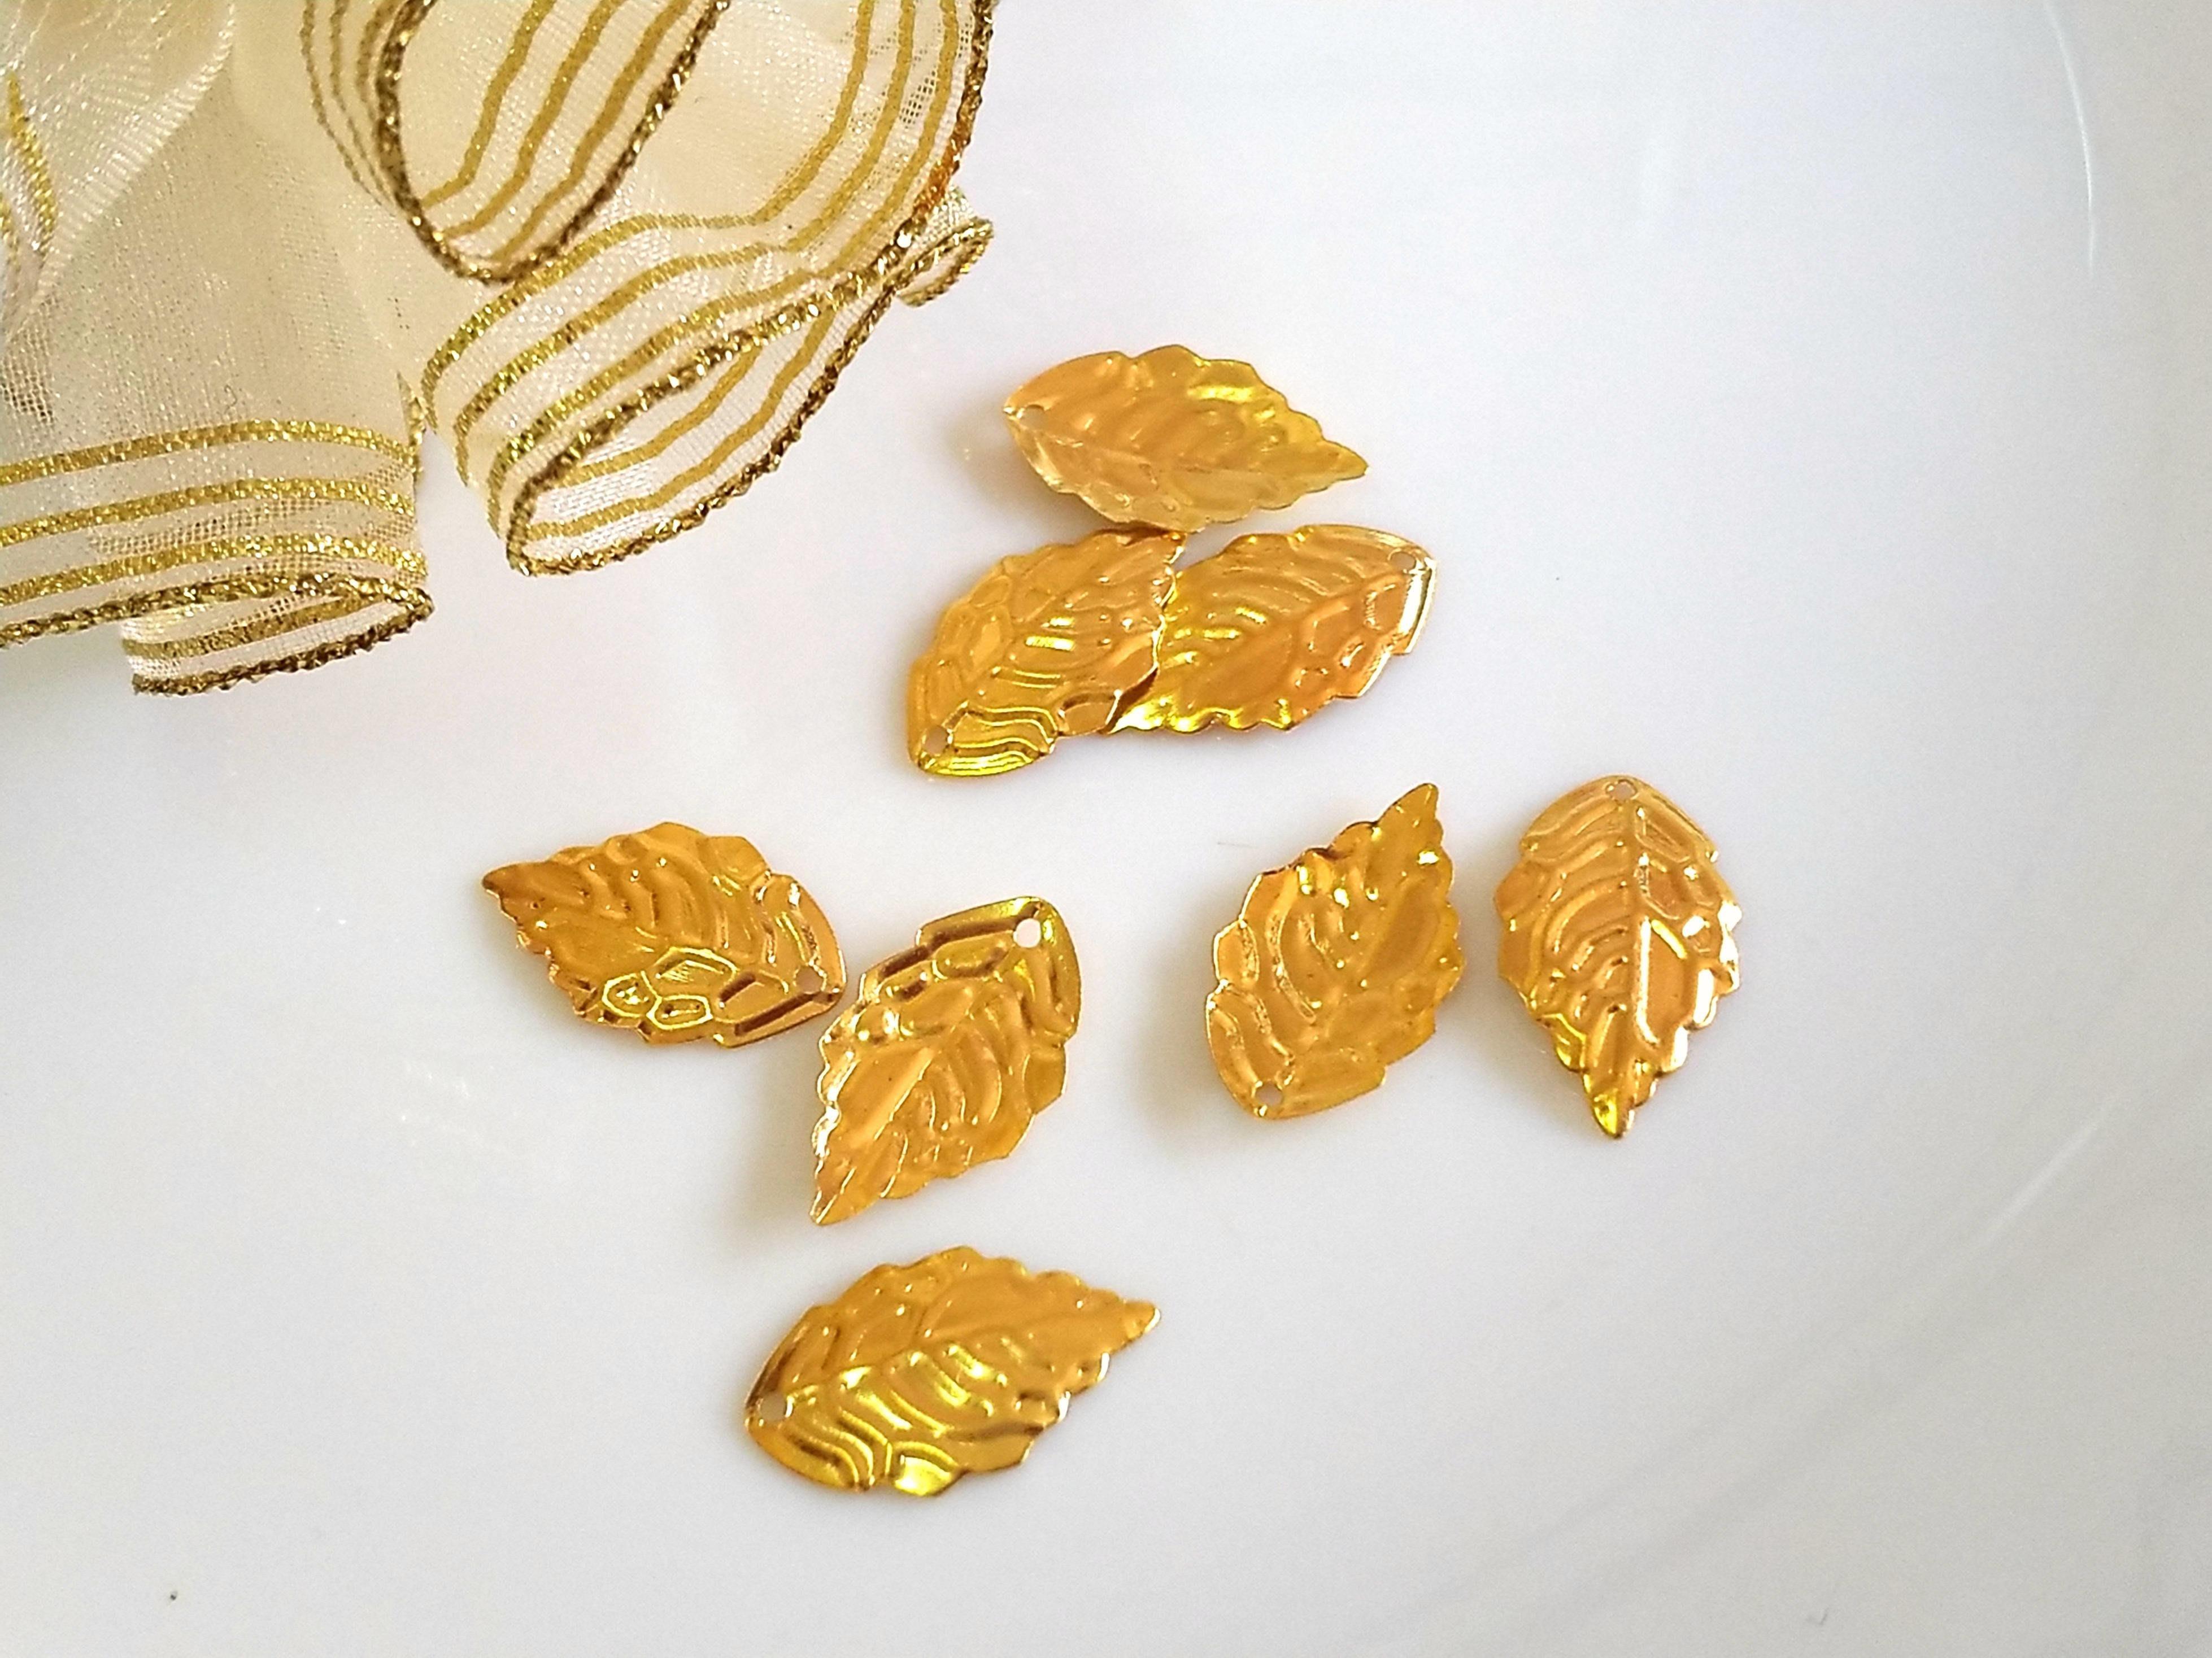 金色花片古風髮簪(1.8*1公分-1個1元) DIY材料古風宮花髮簪-髮飾配件-髮叉步搖-吊墜-金屬框滴膠-古2牛手創